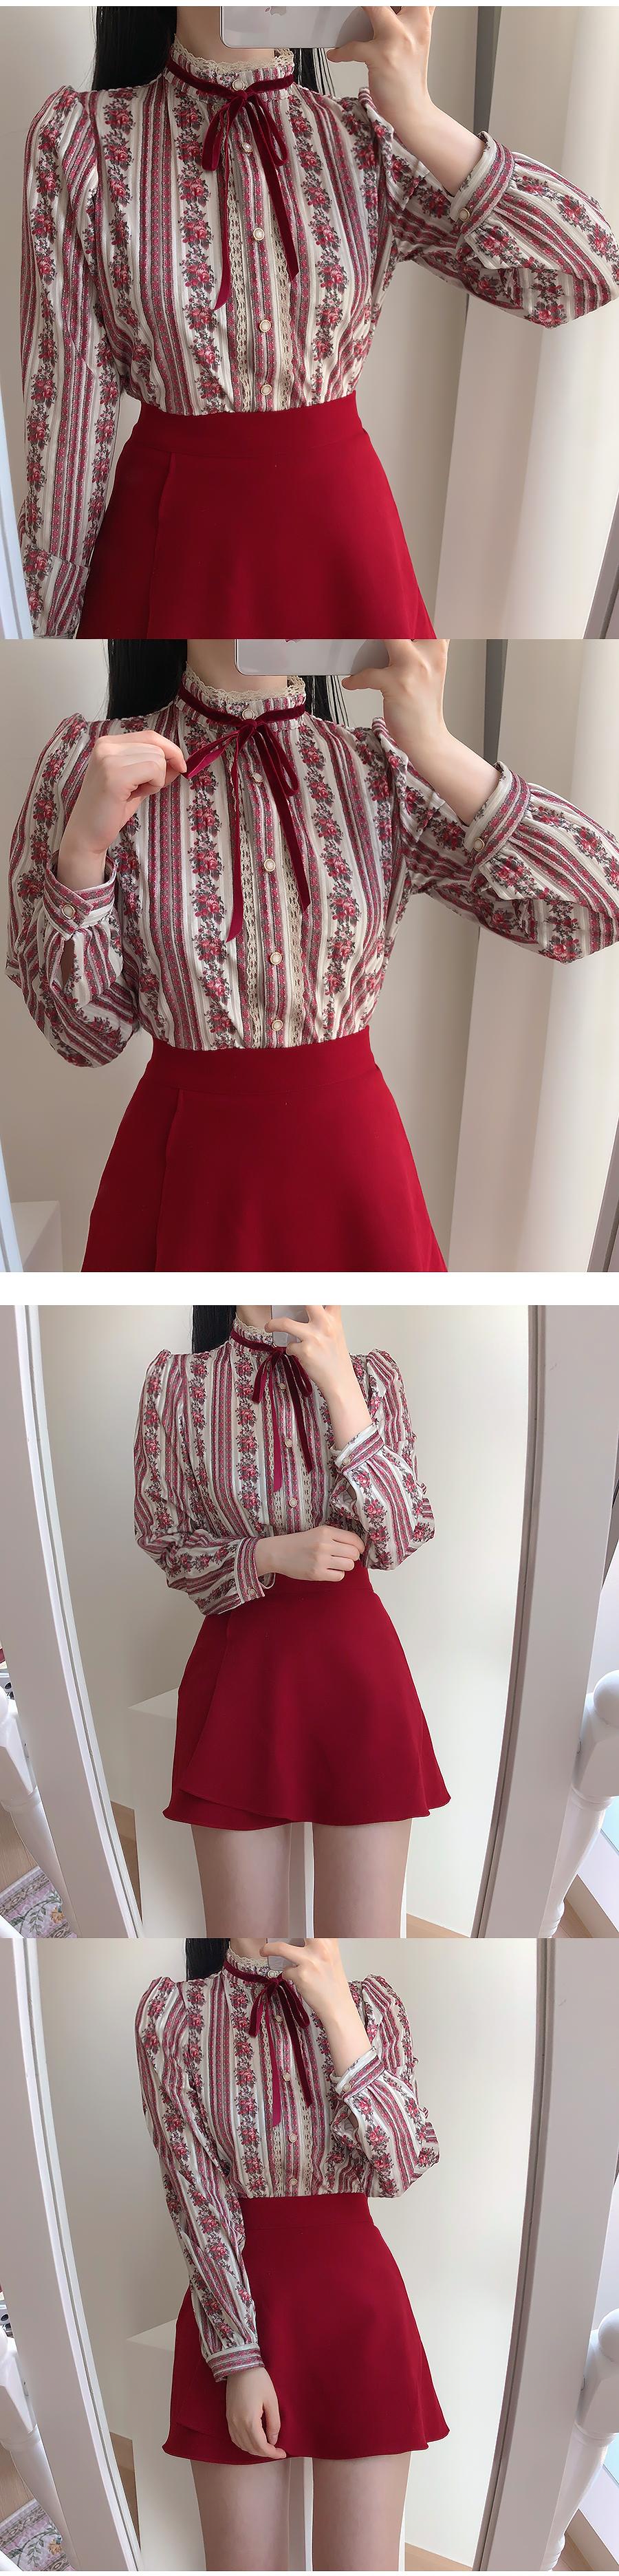 Marian velvet floral blouse